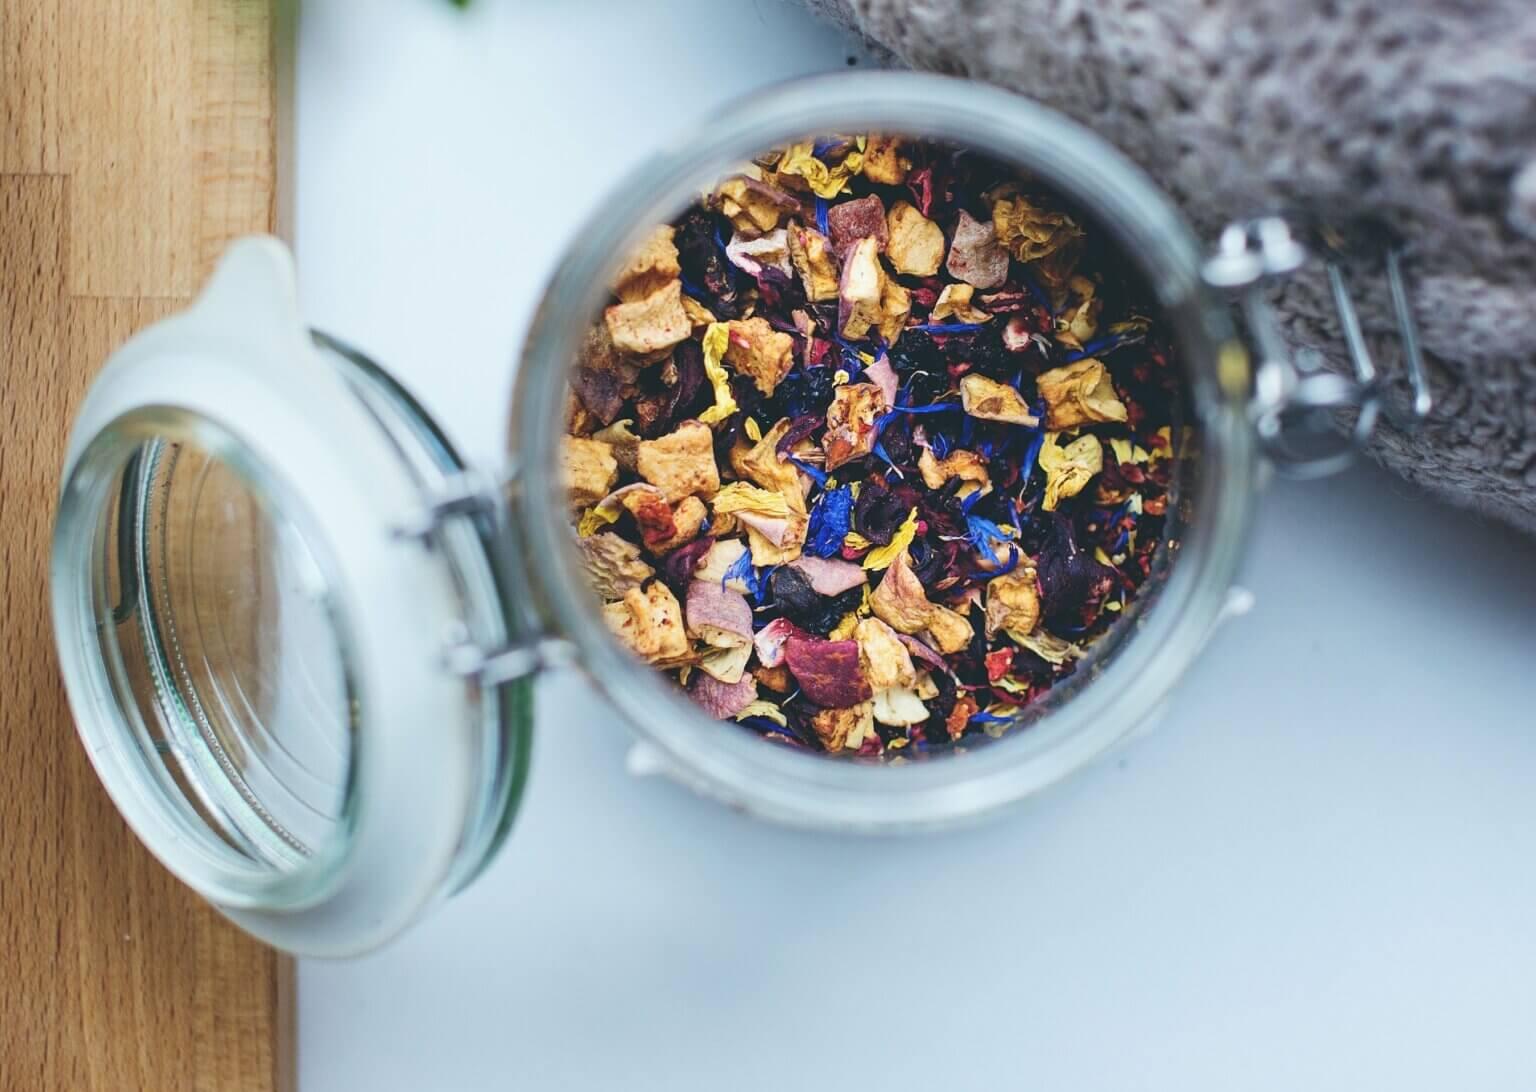 Qualia Caffe - Nie tylko kawa. Subskrypcja herbaty i dodatków